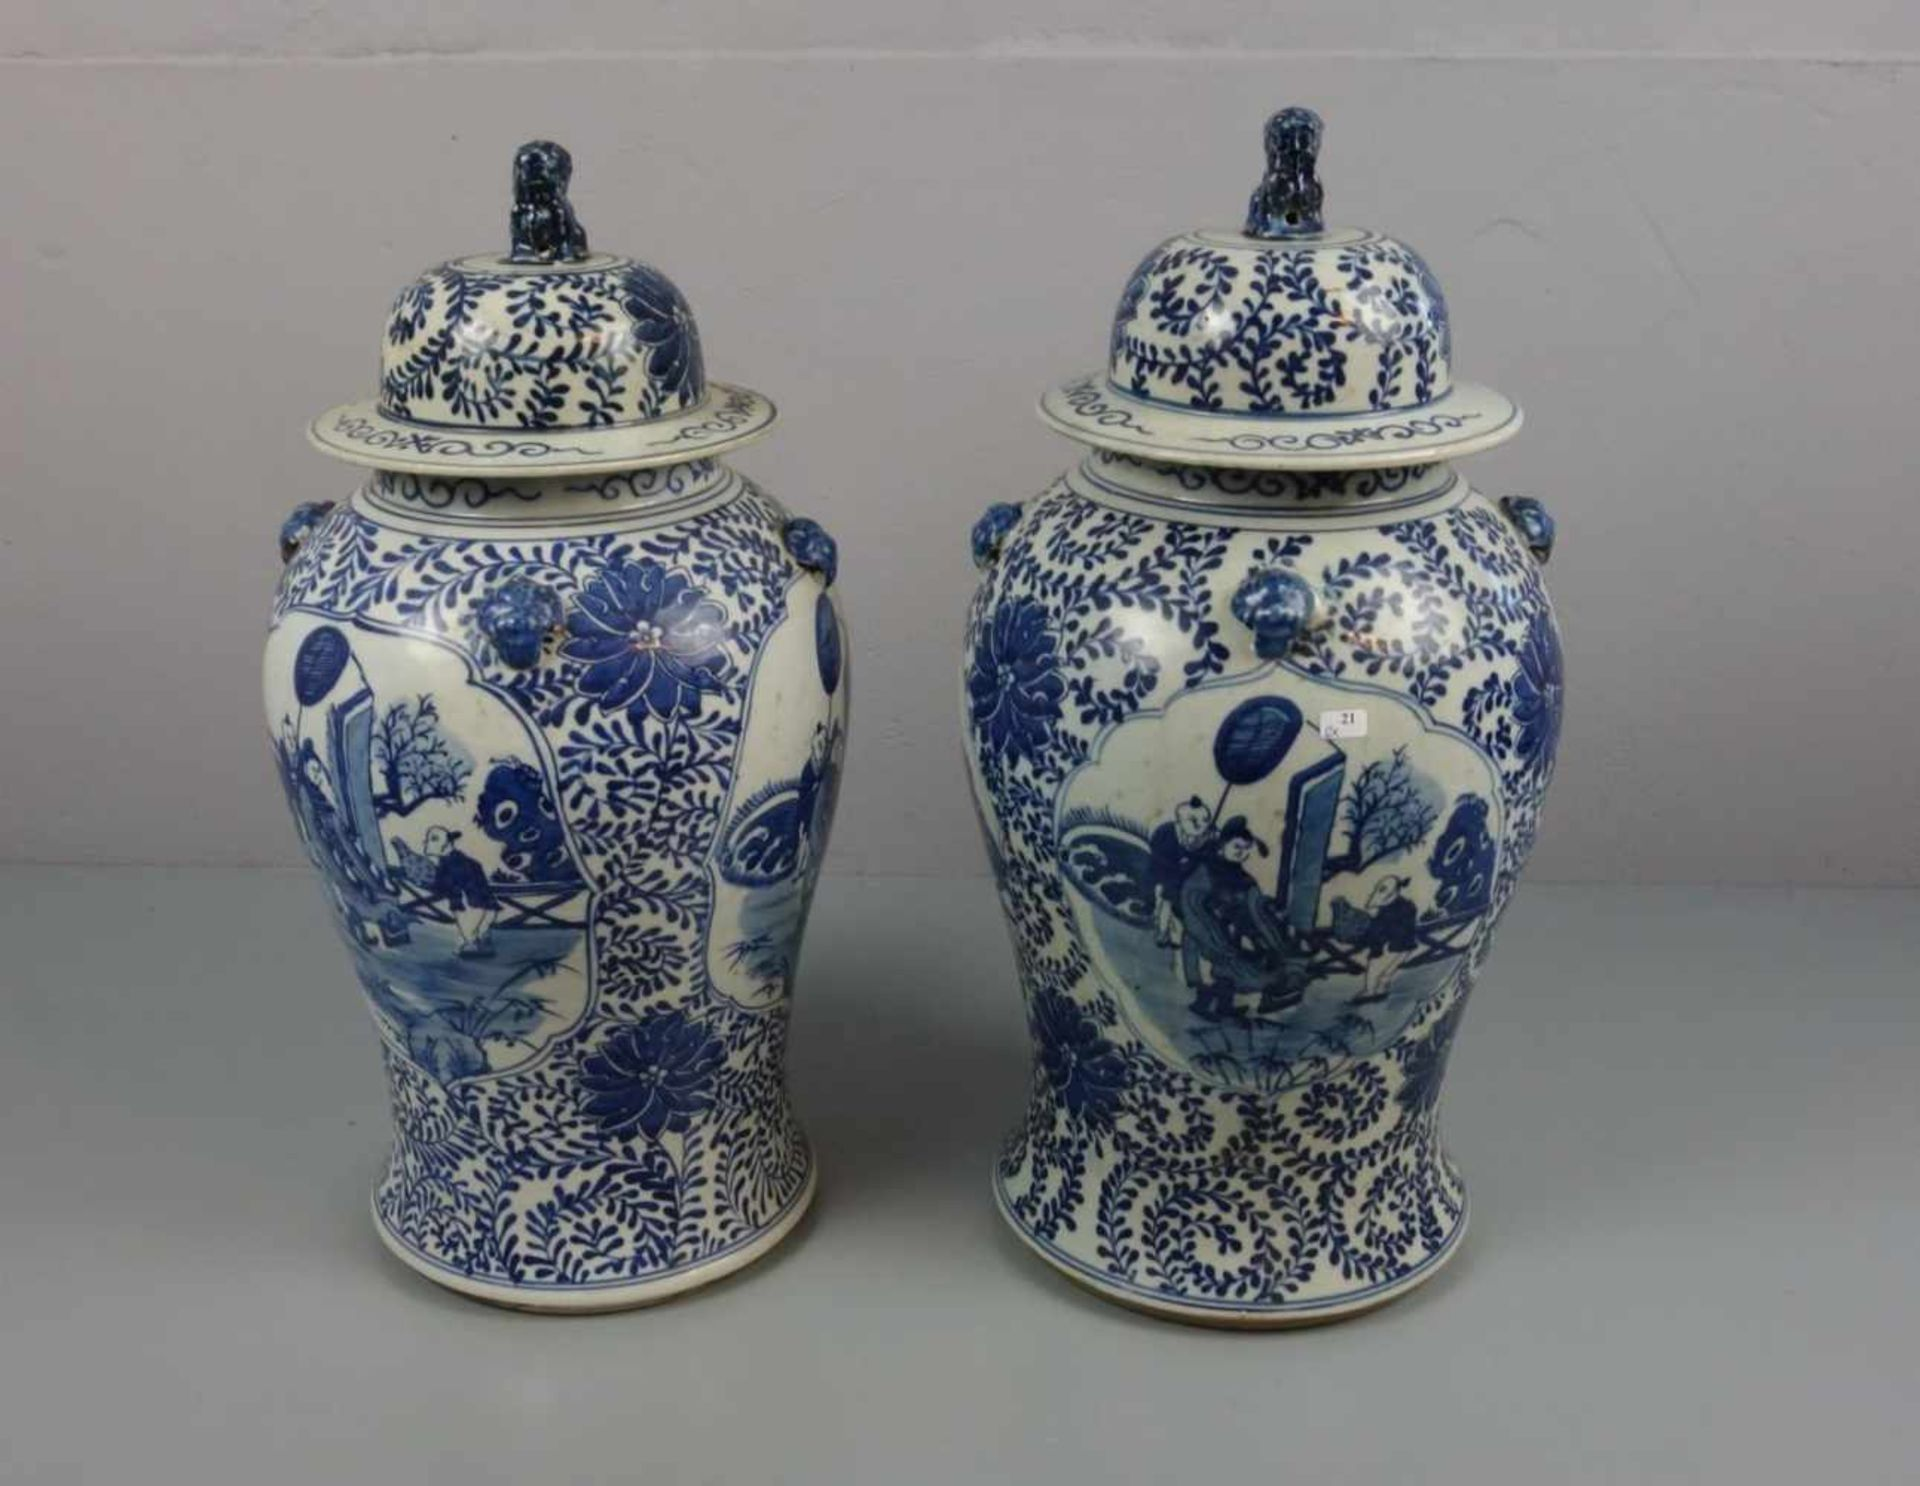 Los 647 - PAAR CHINESISCHE DECKELVASEN / pair of chinese vases, late Qing dynasty, Porzellan (ungemarkt),...